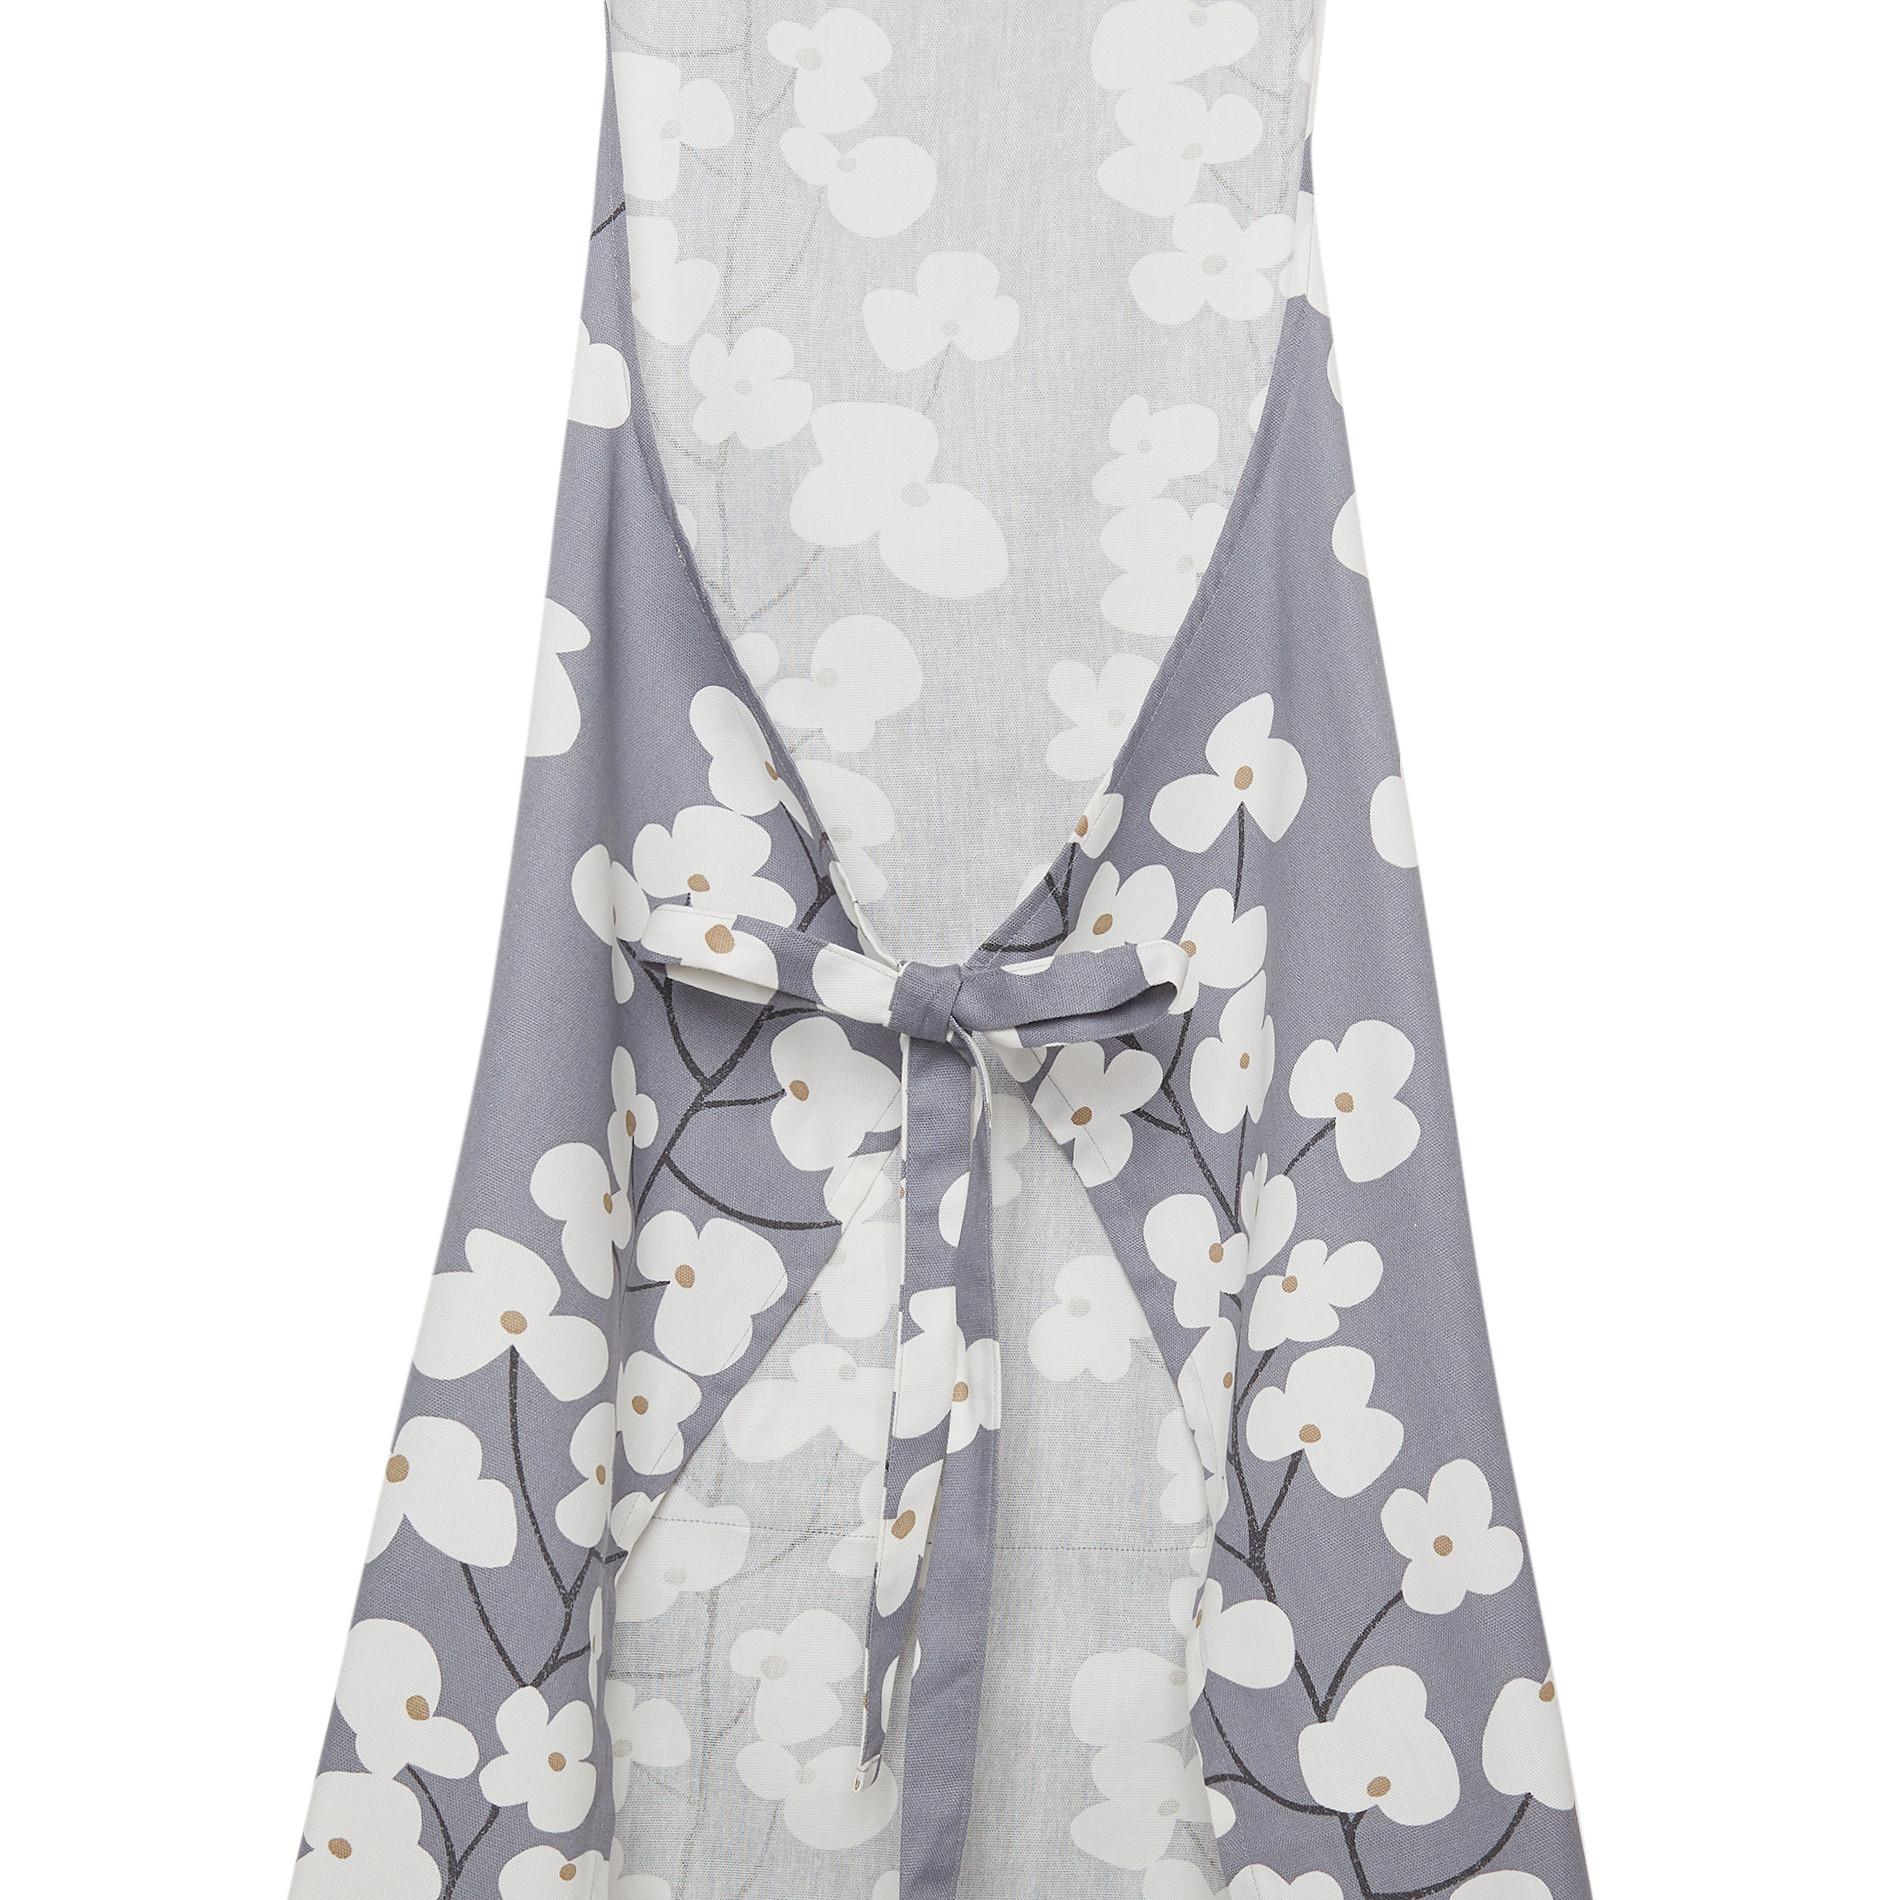 Grembiule da cucina cotone stampa fiori, Bianco/Blu, large image number 1